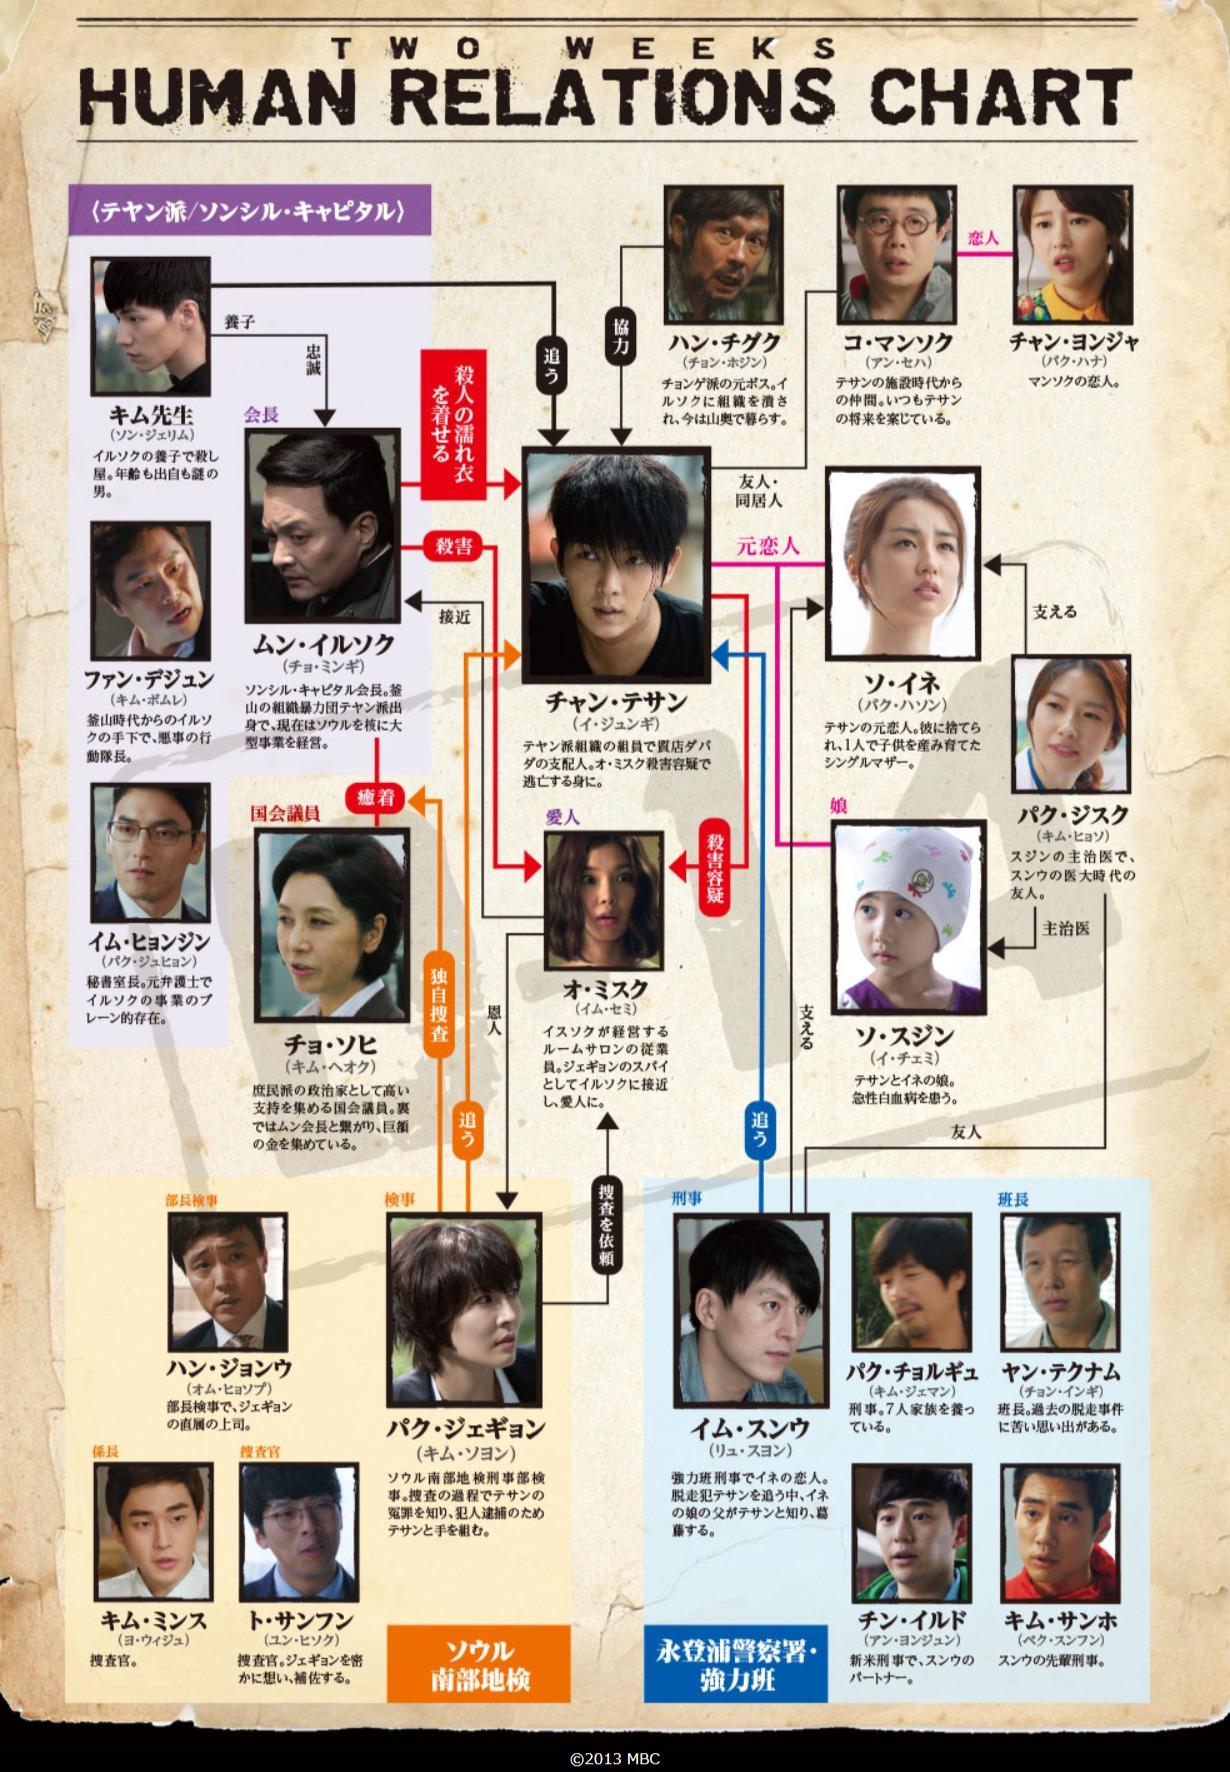 韓国ドラマ『TWO WEEKS』登場人物相関図(関係図)